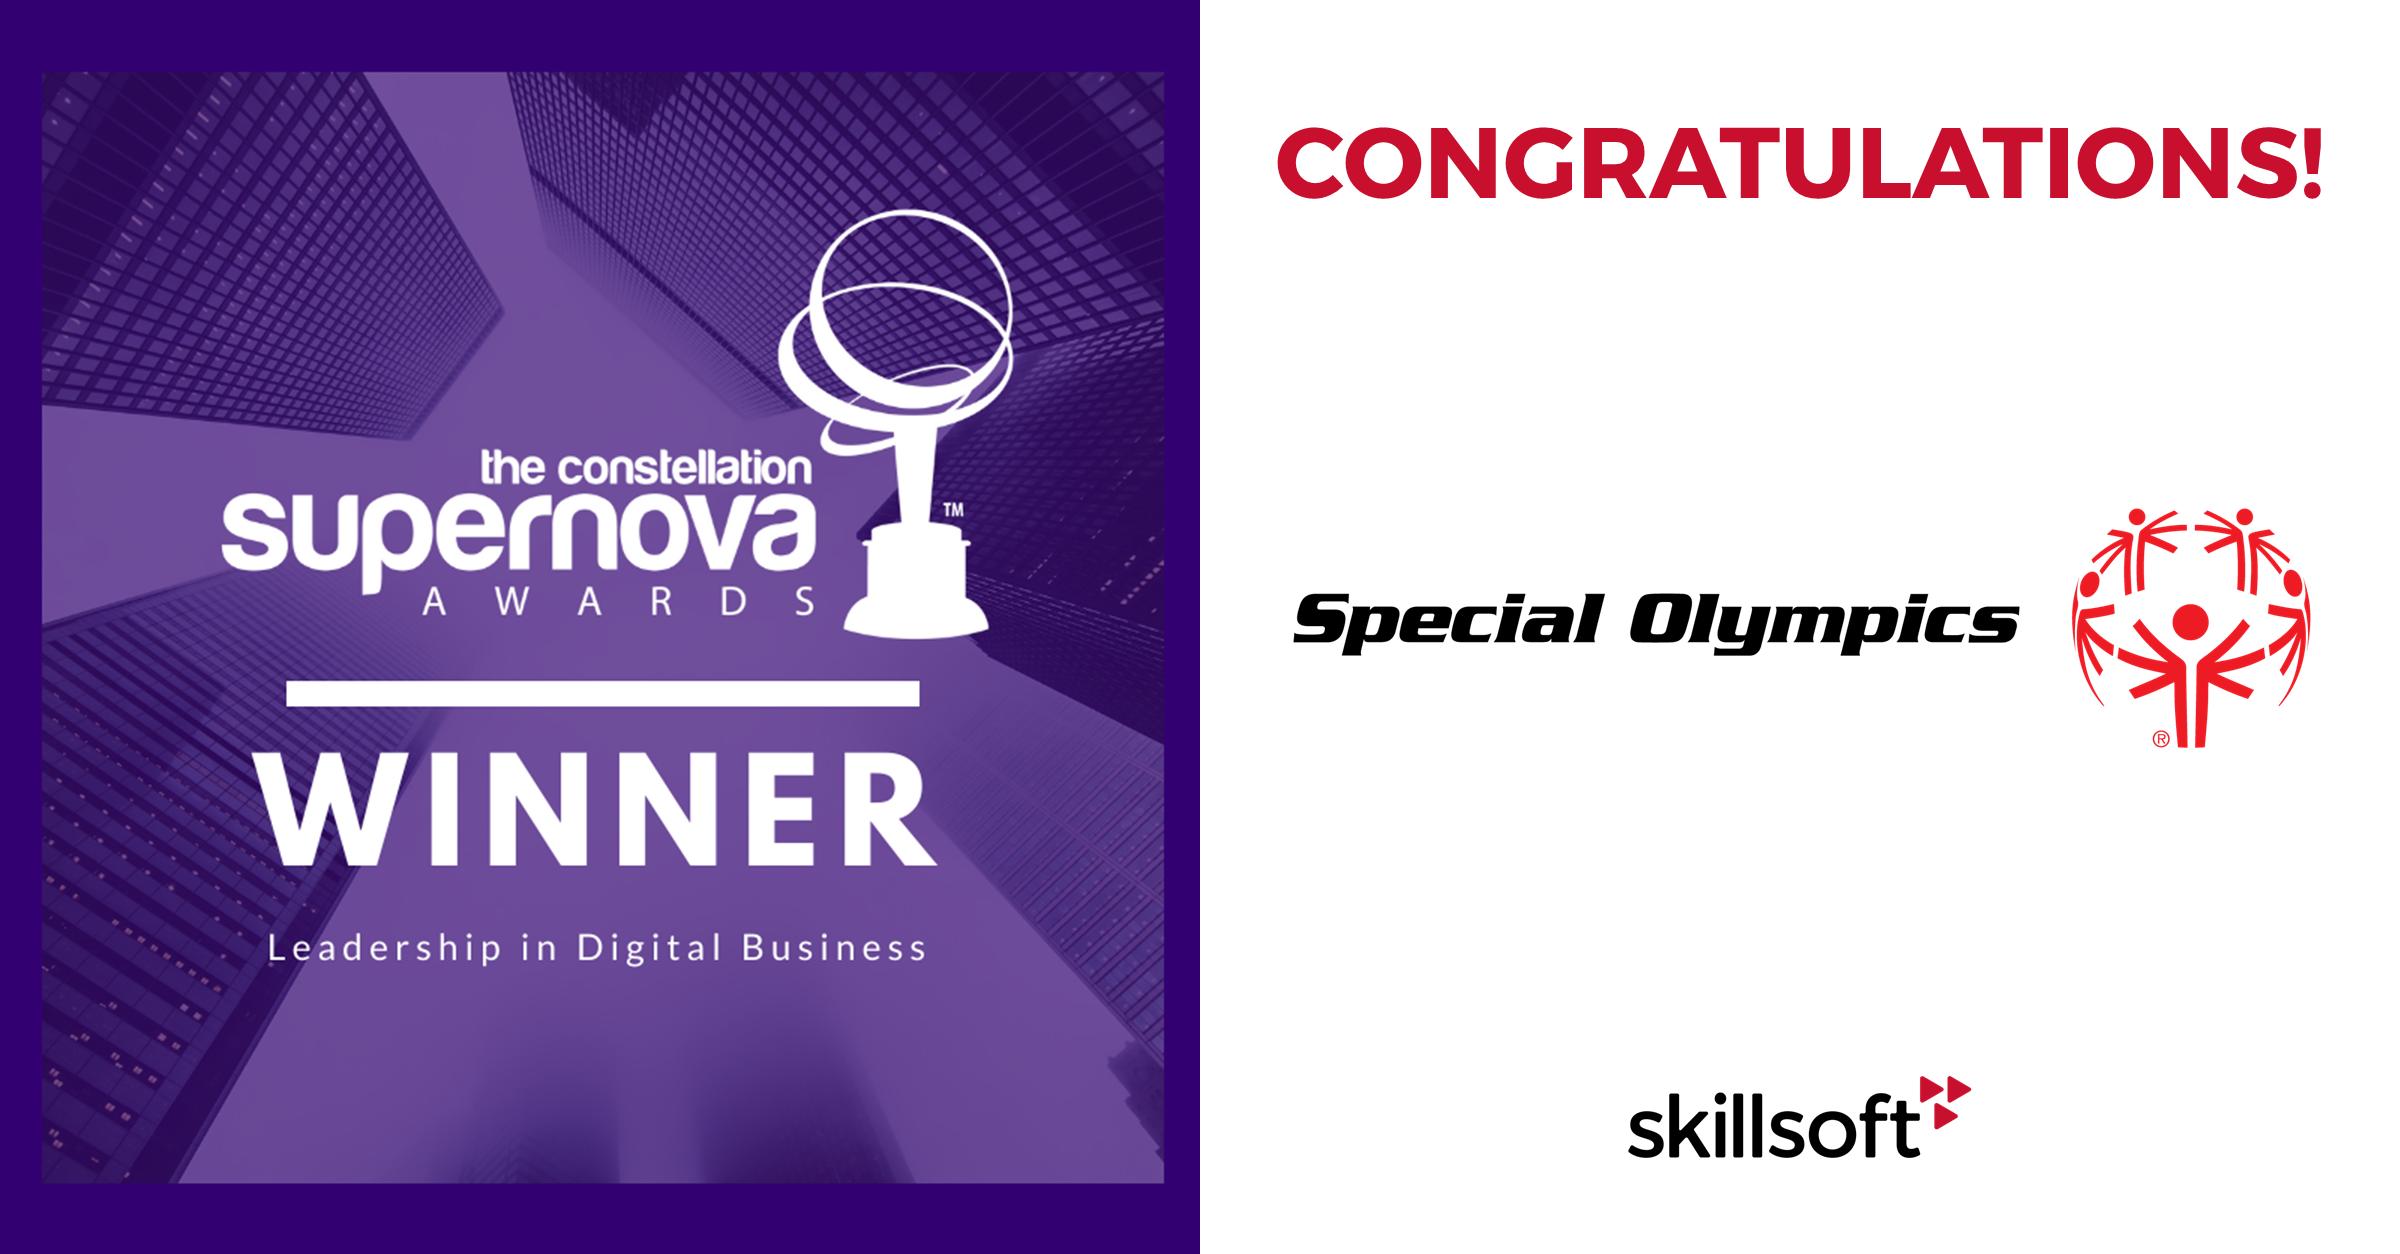 Special Olympics_Skillsoft_Supernova Award